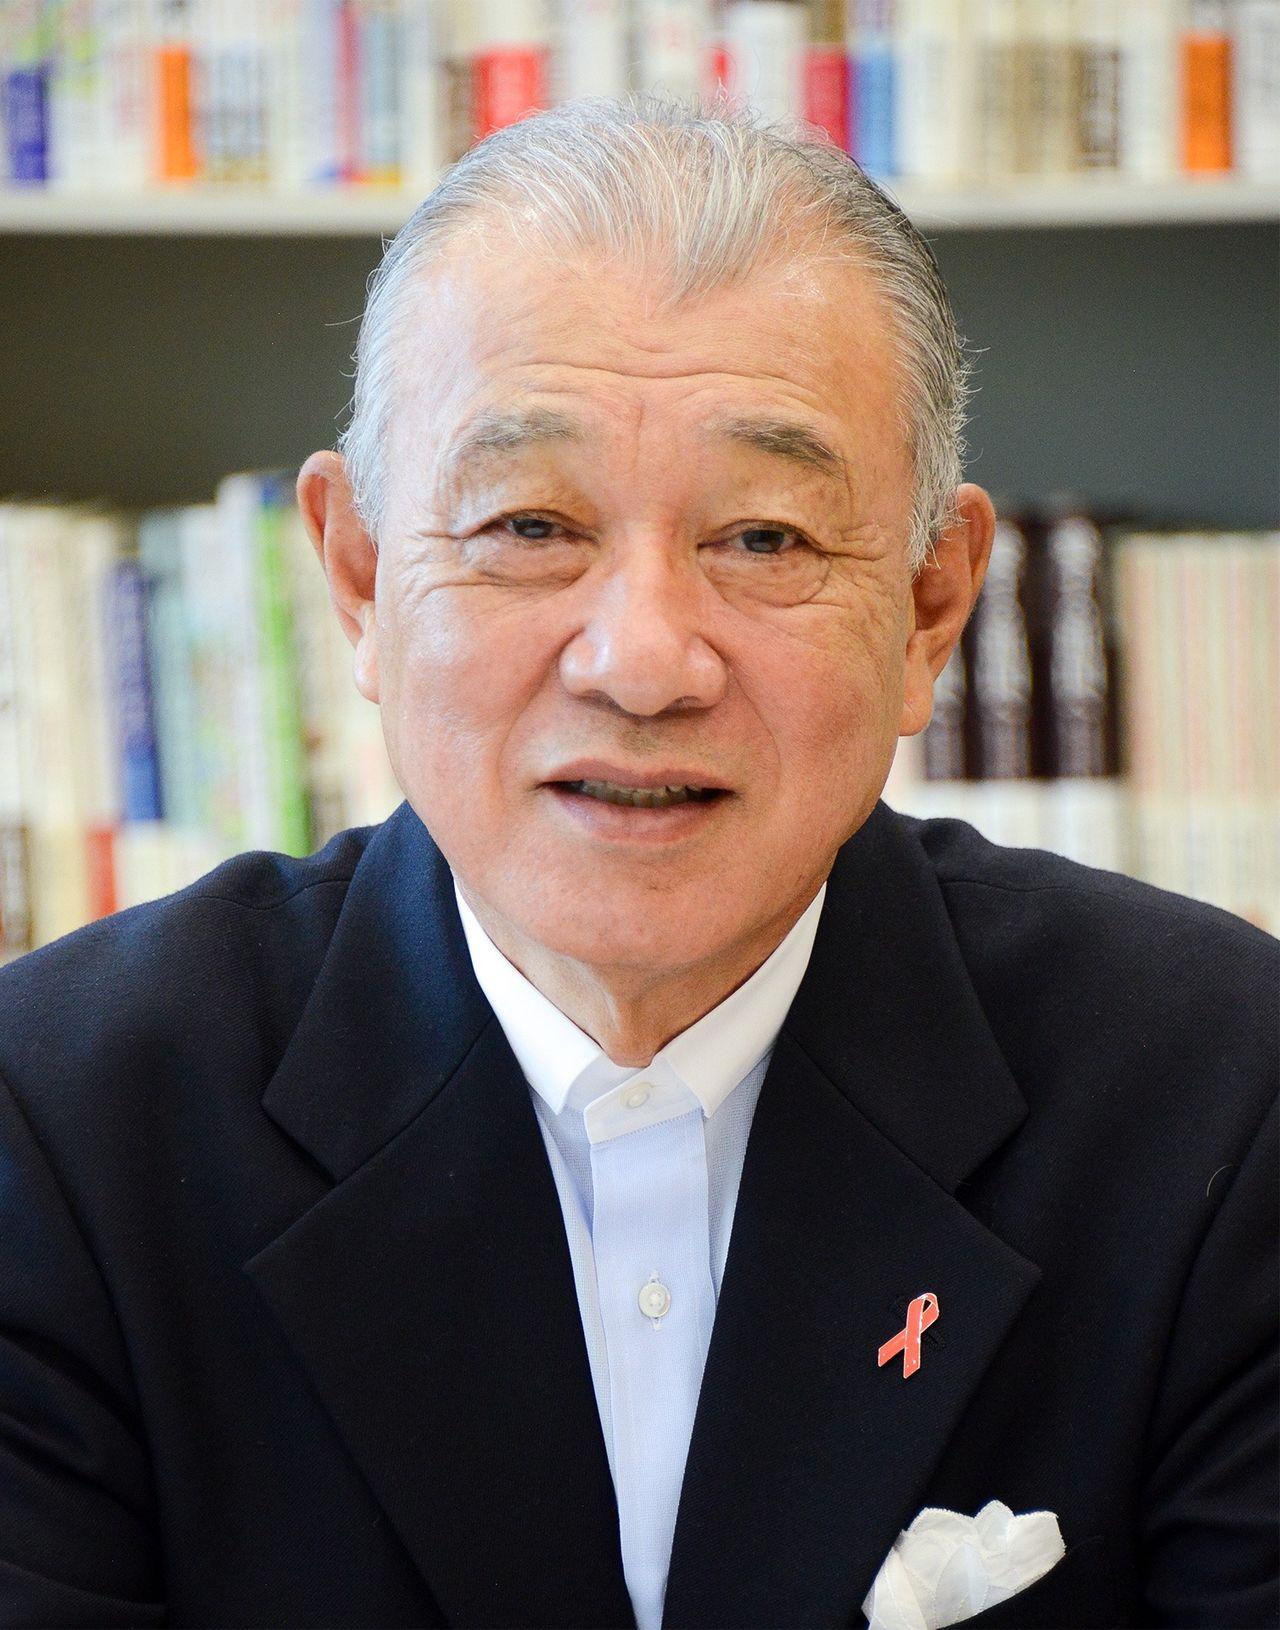 Nippon Foundation Chairman Sasakawa Yōhei.